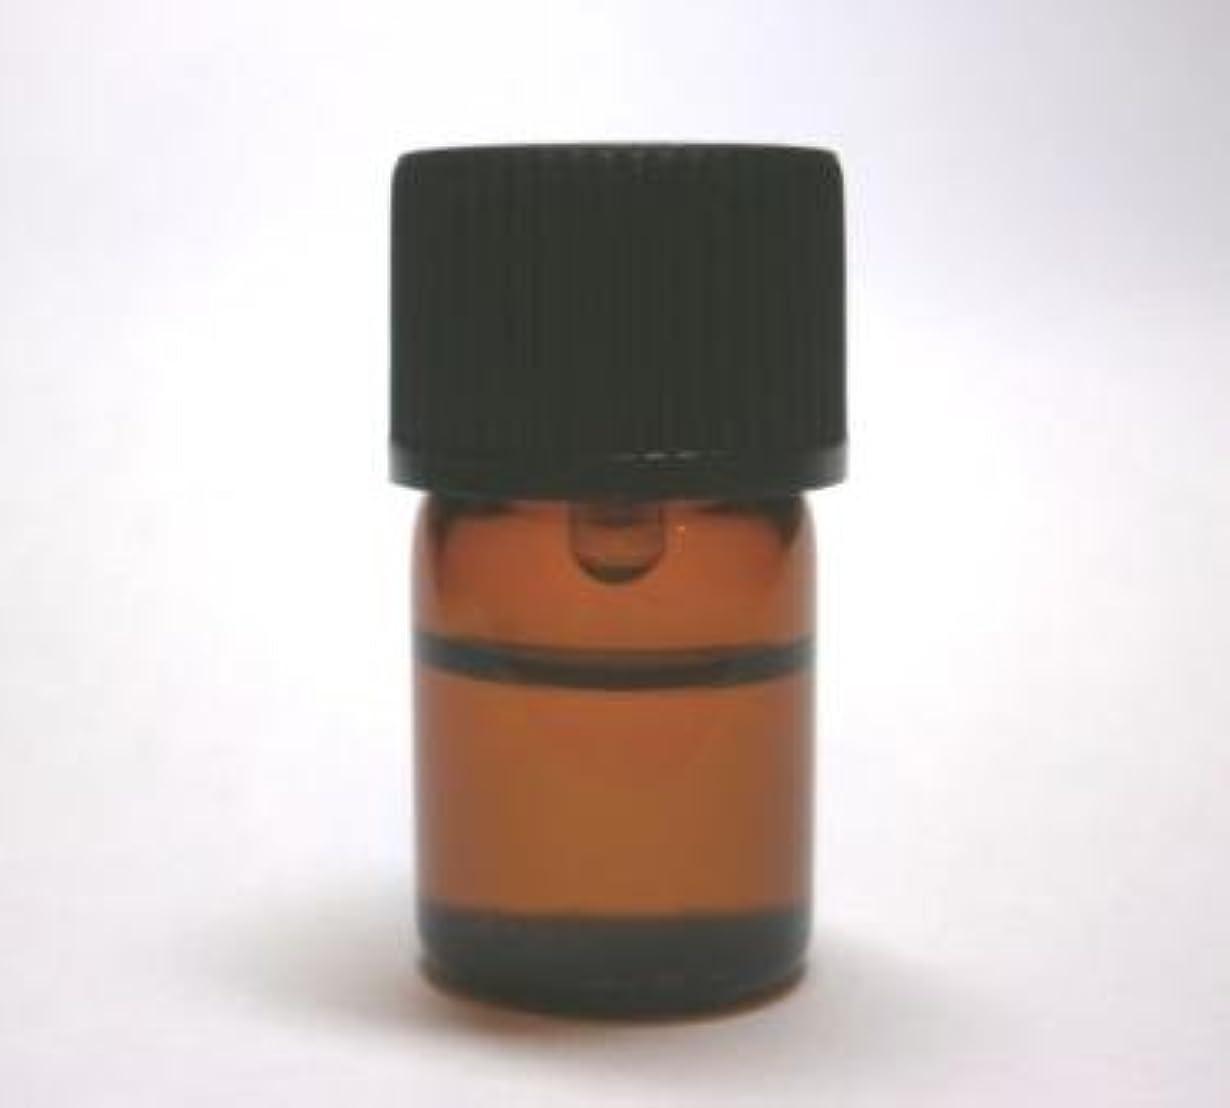 発見する時間とともにお客様ローズabsアブソリュート100%:3ml /ローズエッセンシャルオイル/ローズ精油/ローズオイル